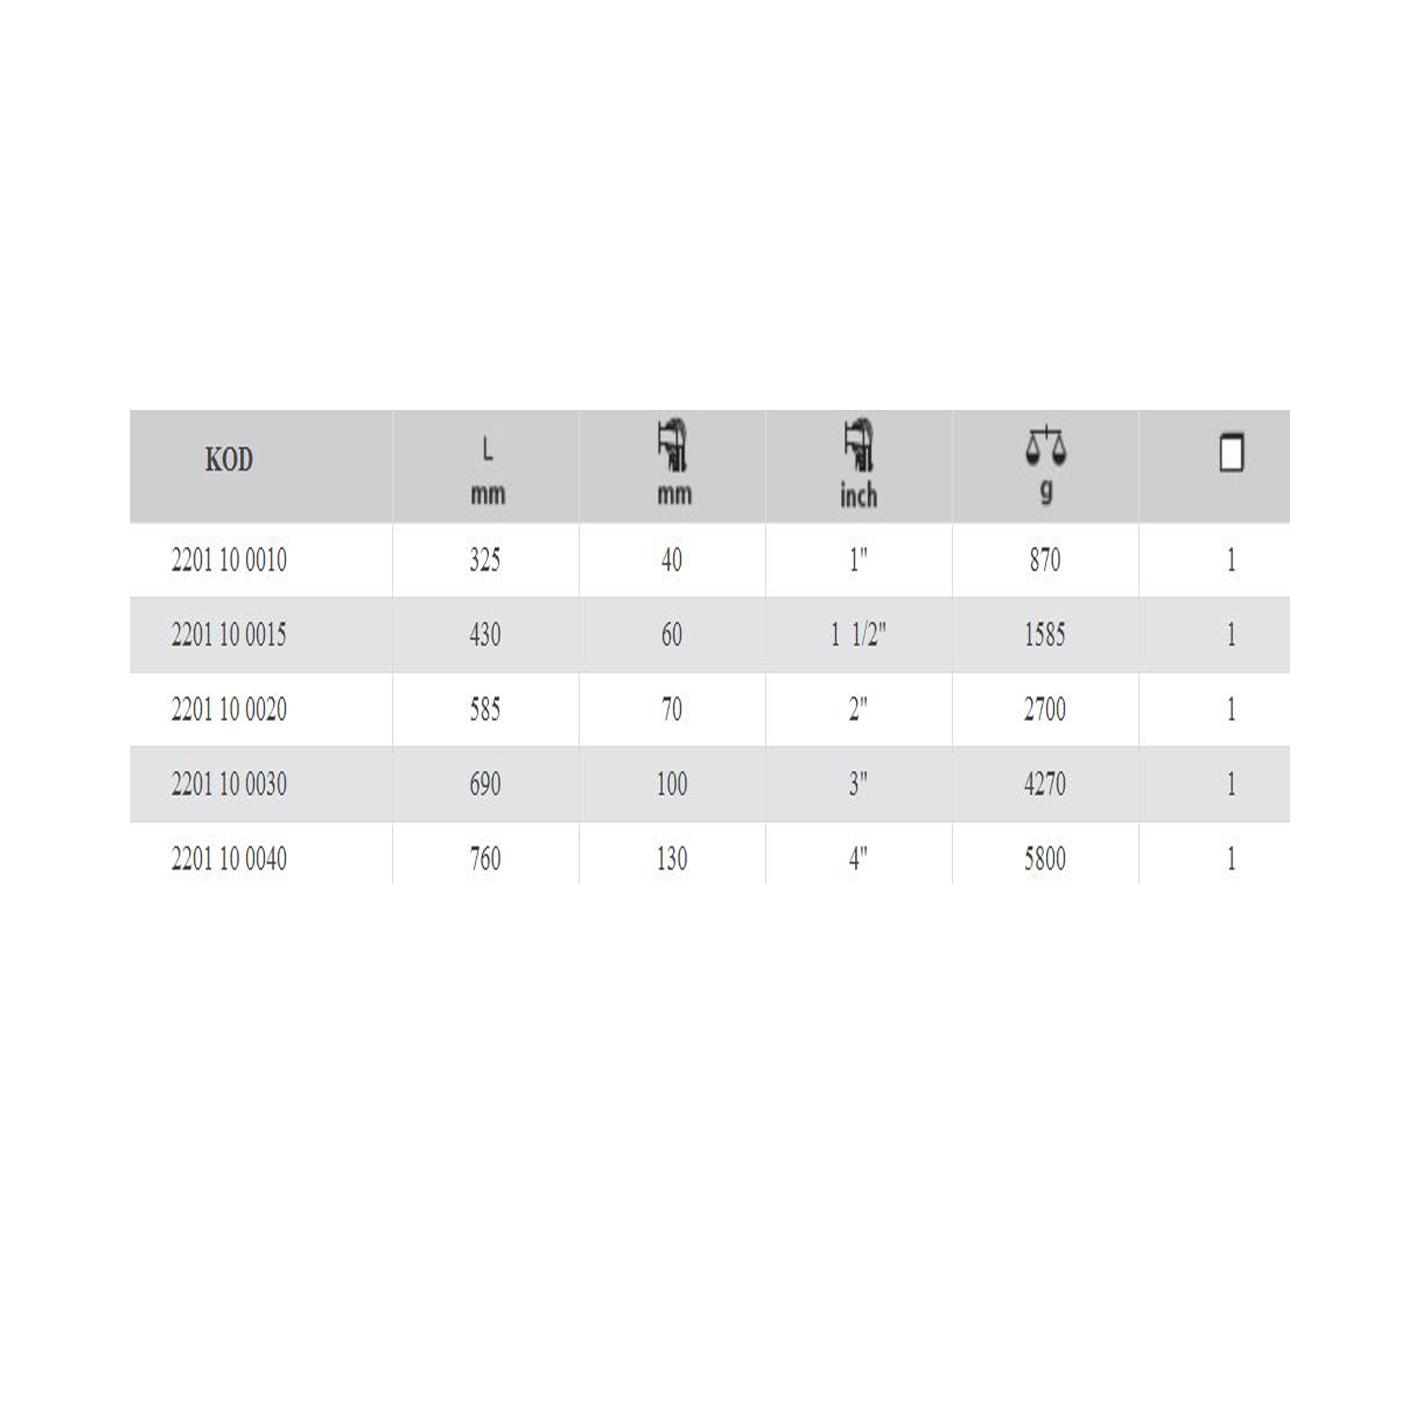 İzeltaş 1 İnç Maşalı Boru Anahtarı (85°)